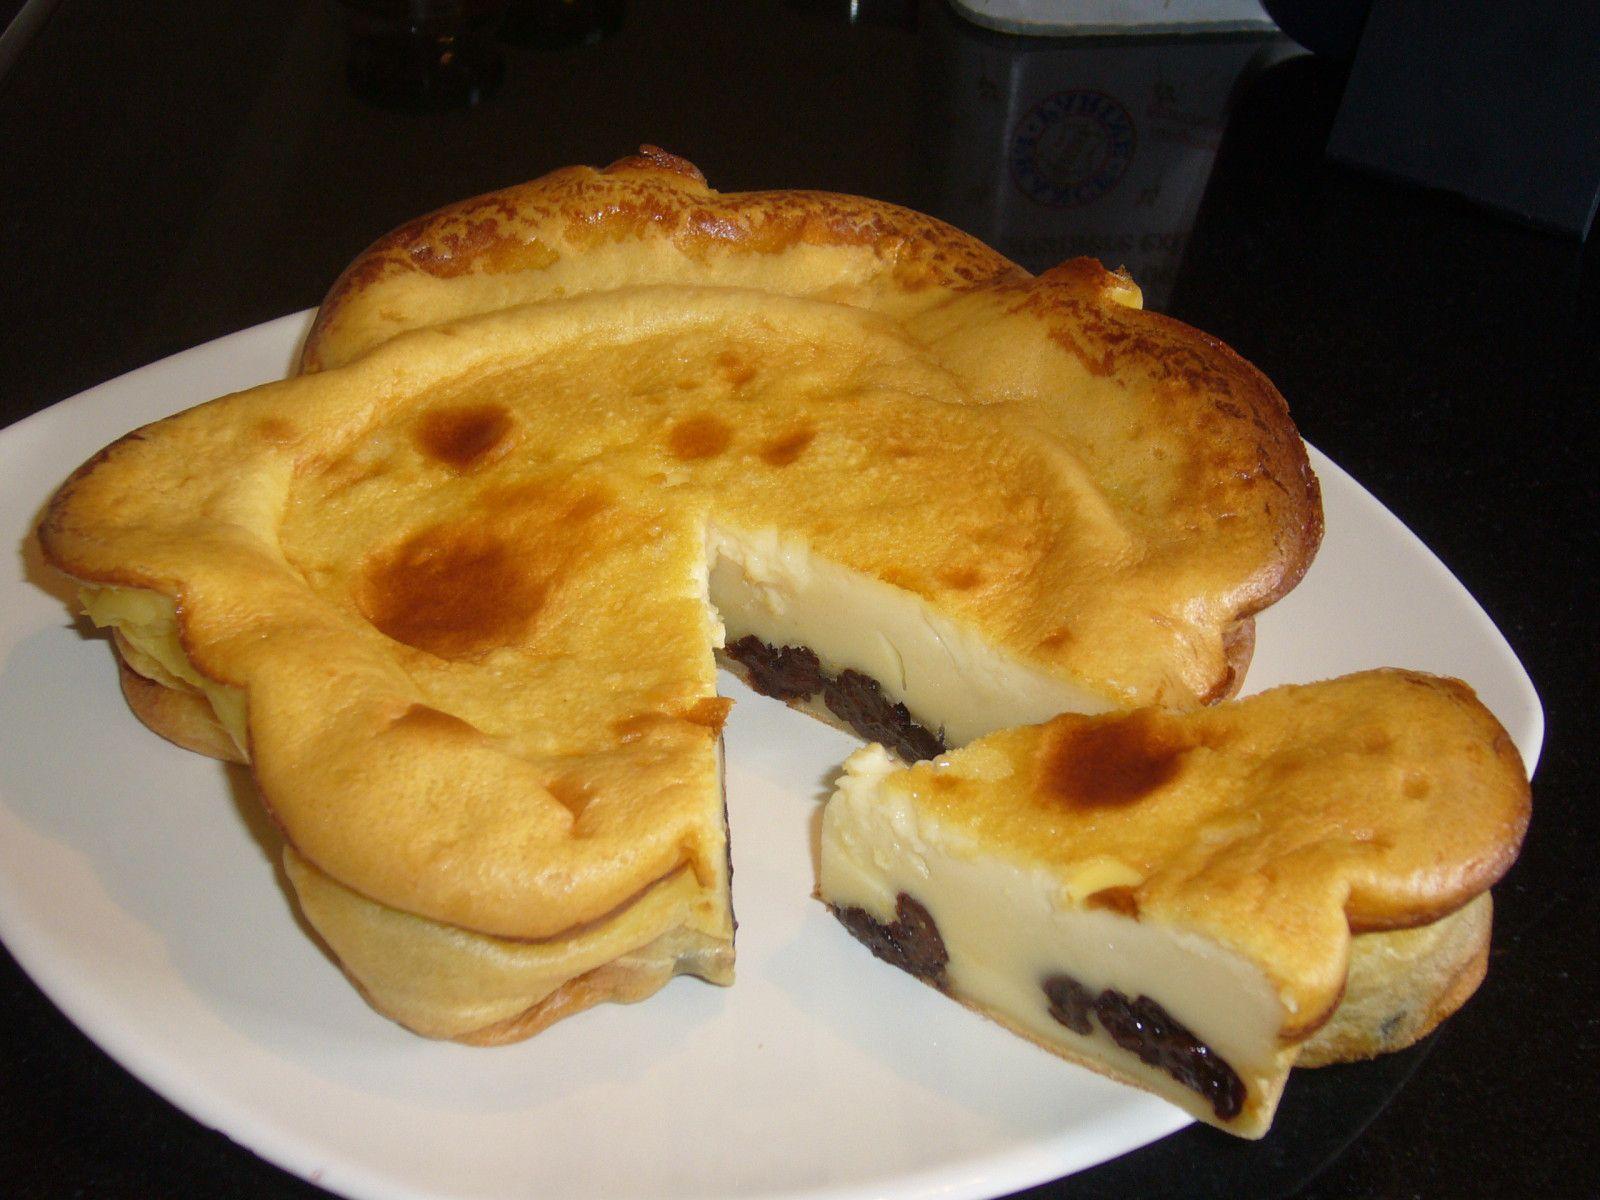 le meilleur far breton, far breton recette thermomix